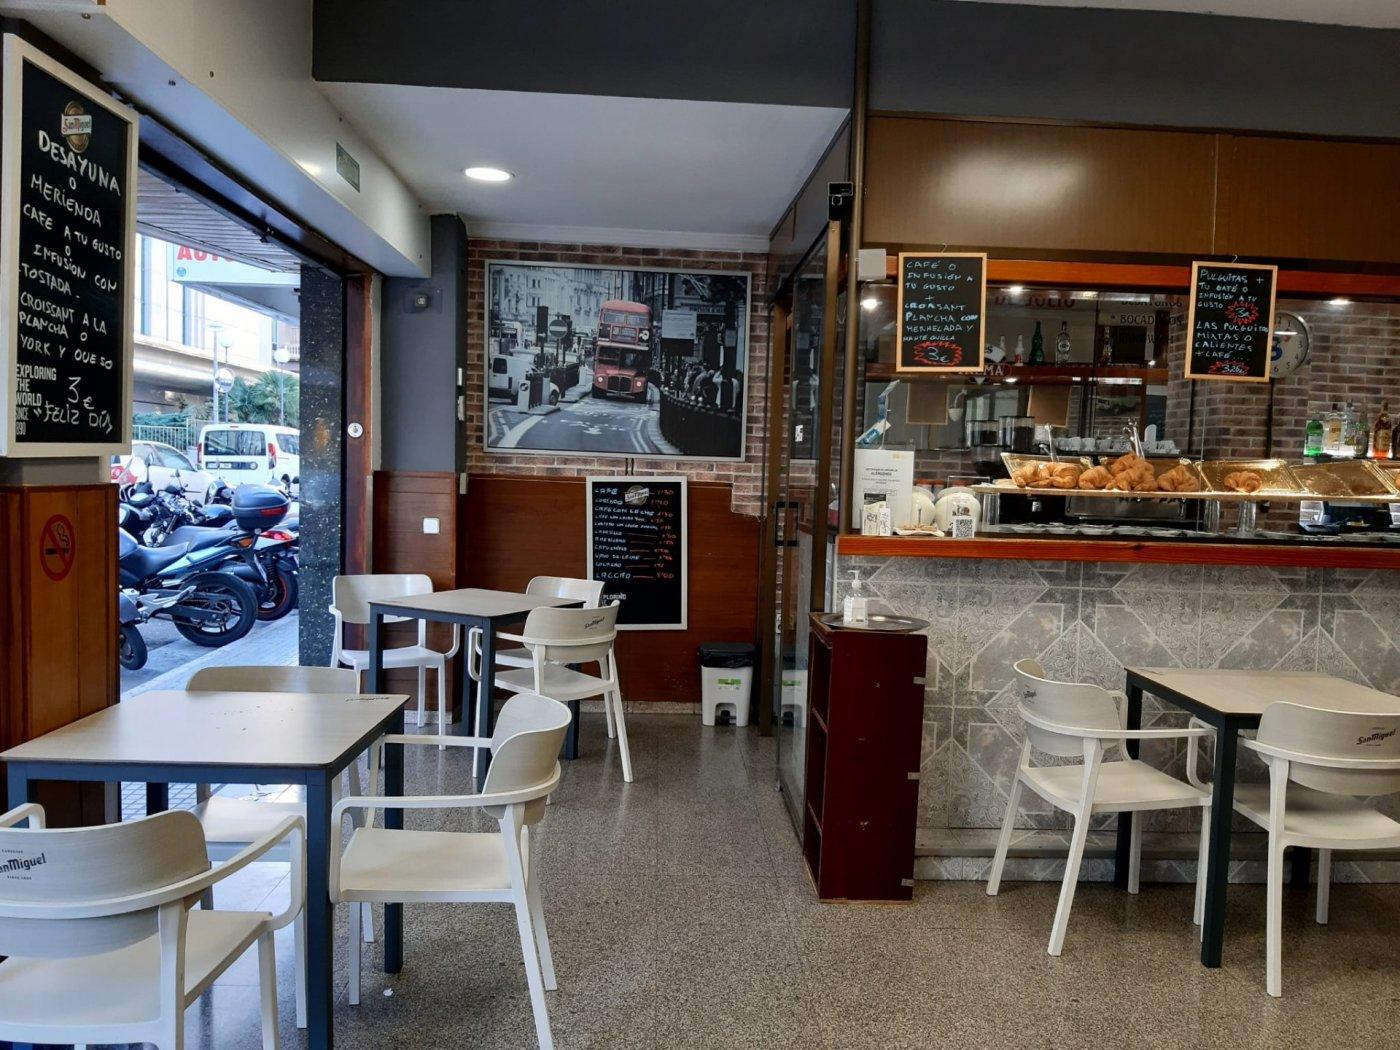 Oportunidad de traspaso de bar en excelente ubicación. centro de palma - imagenInmueble2